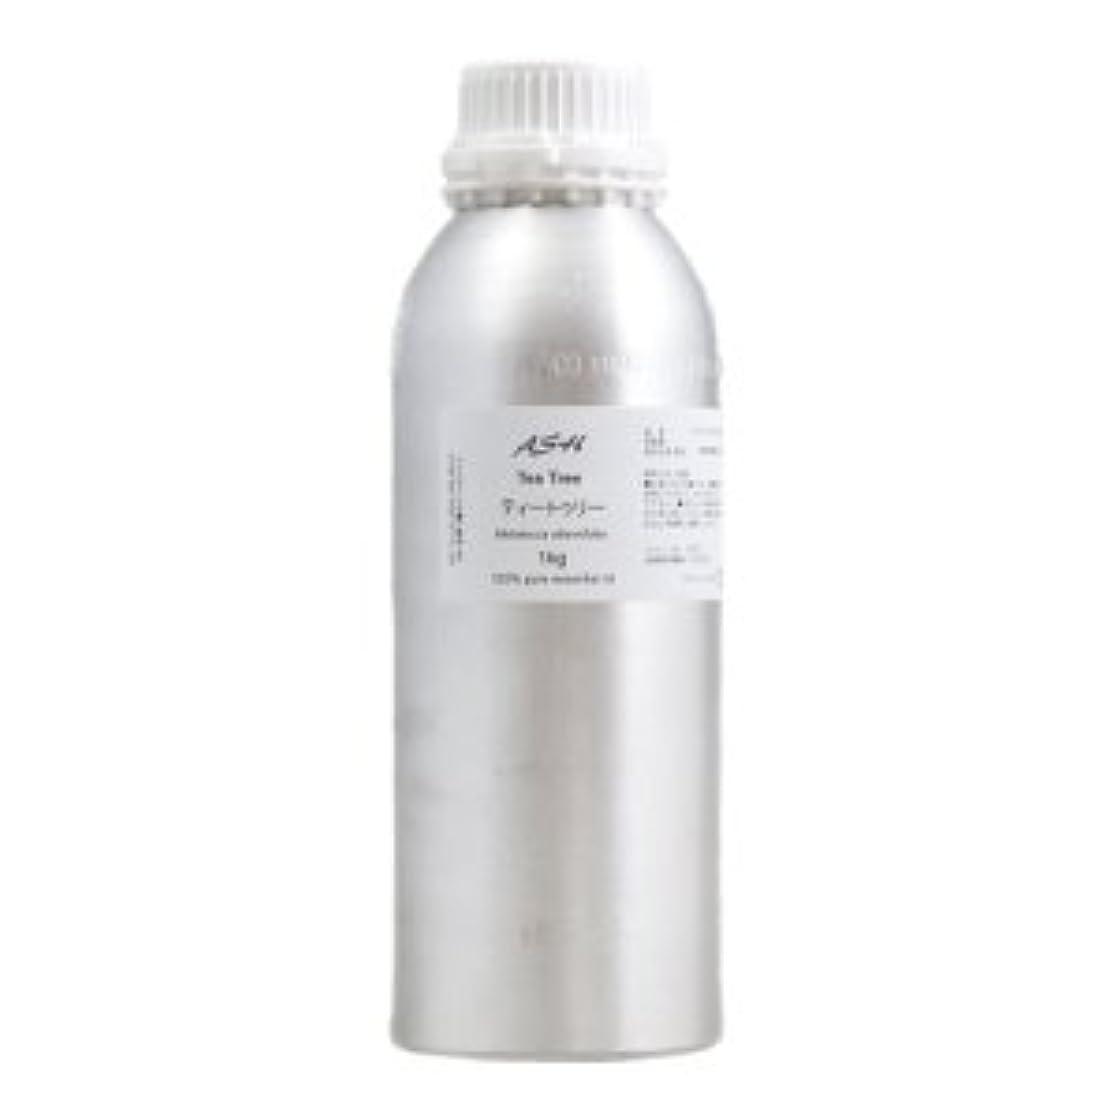 浪費有名な愛ASH ティートゥリー (ティーツリー) エッセンシャルオイル 業務用1kg AEAJ表示基準適合認定精油